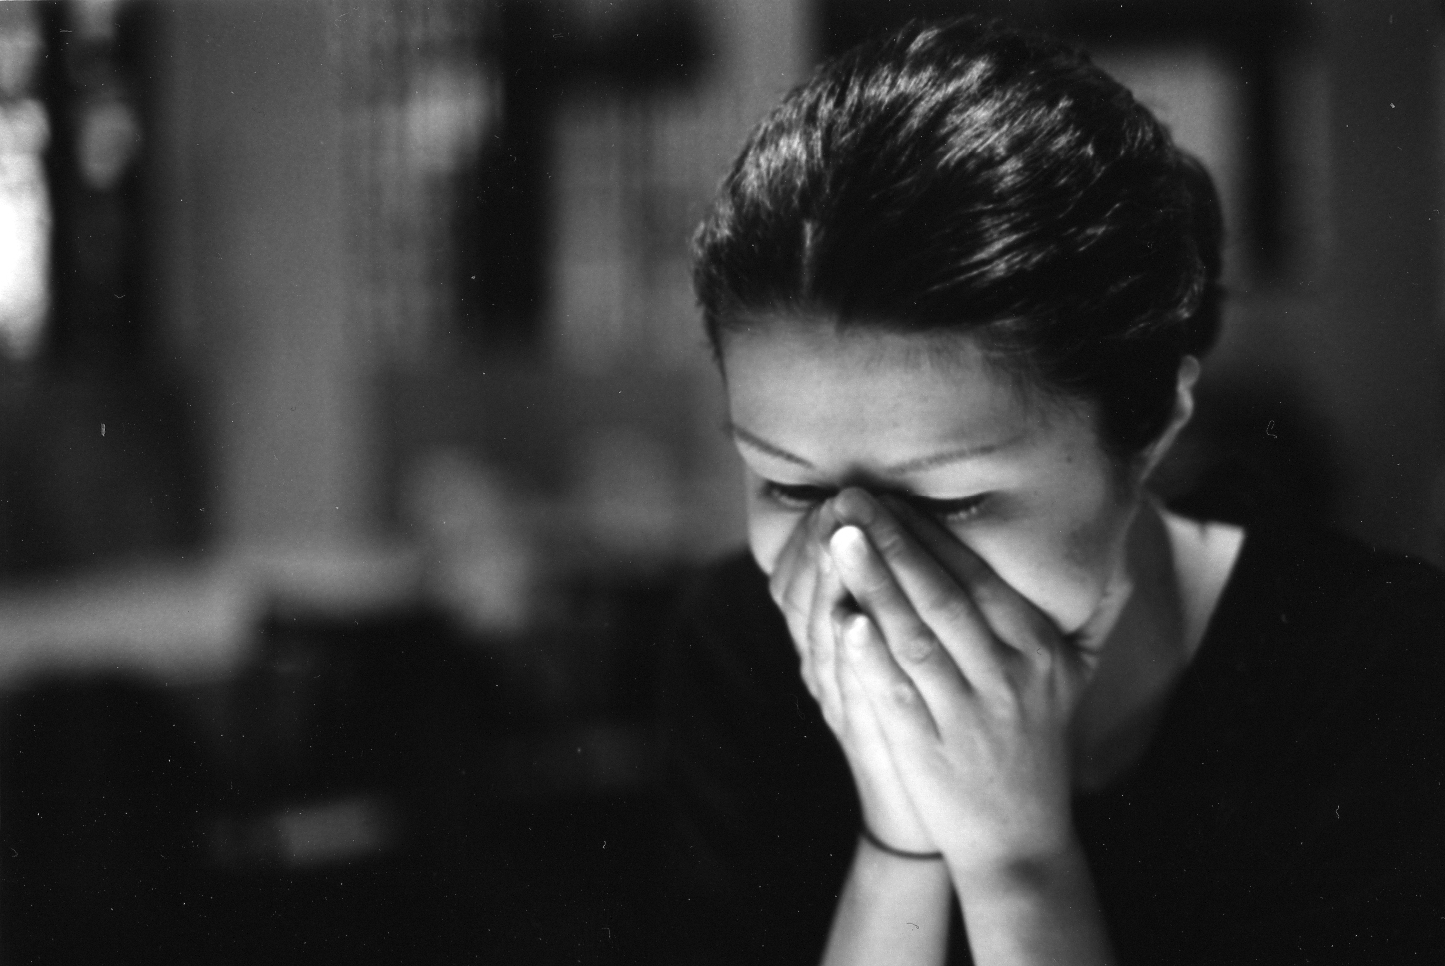 بالصور اجمل الصور الحزينة للبنات , خلفيات وصور حزينه 5696 11